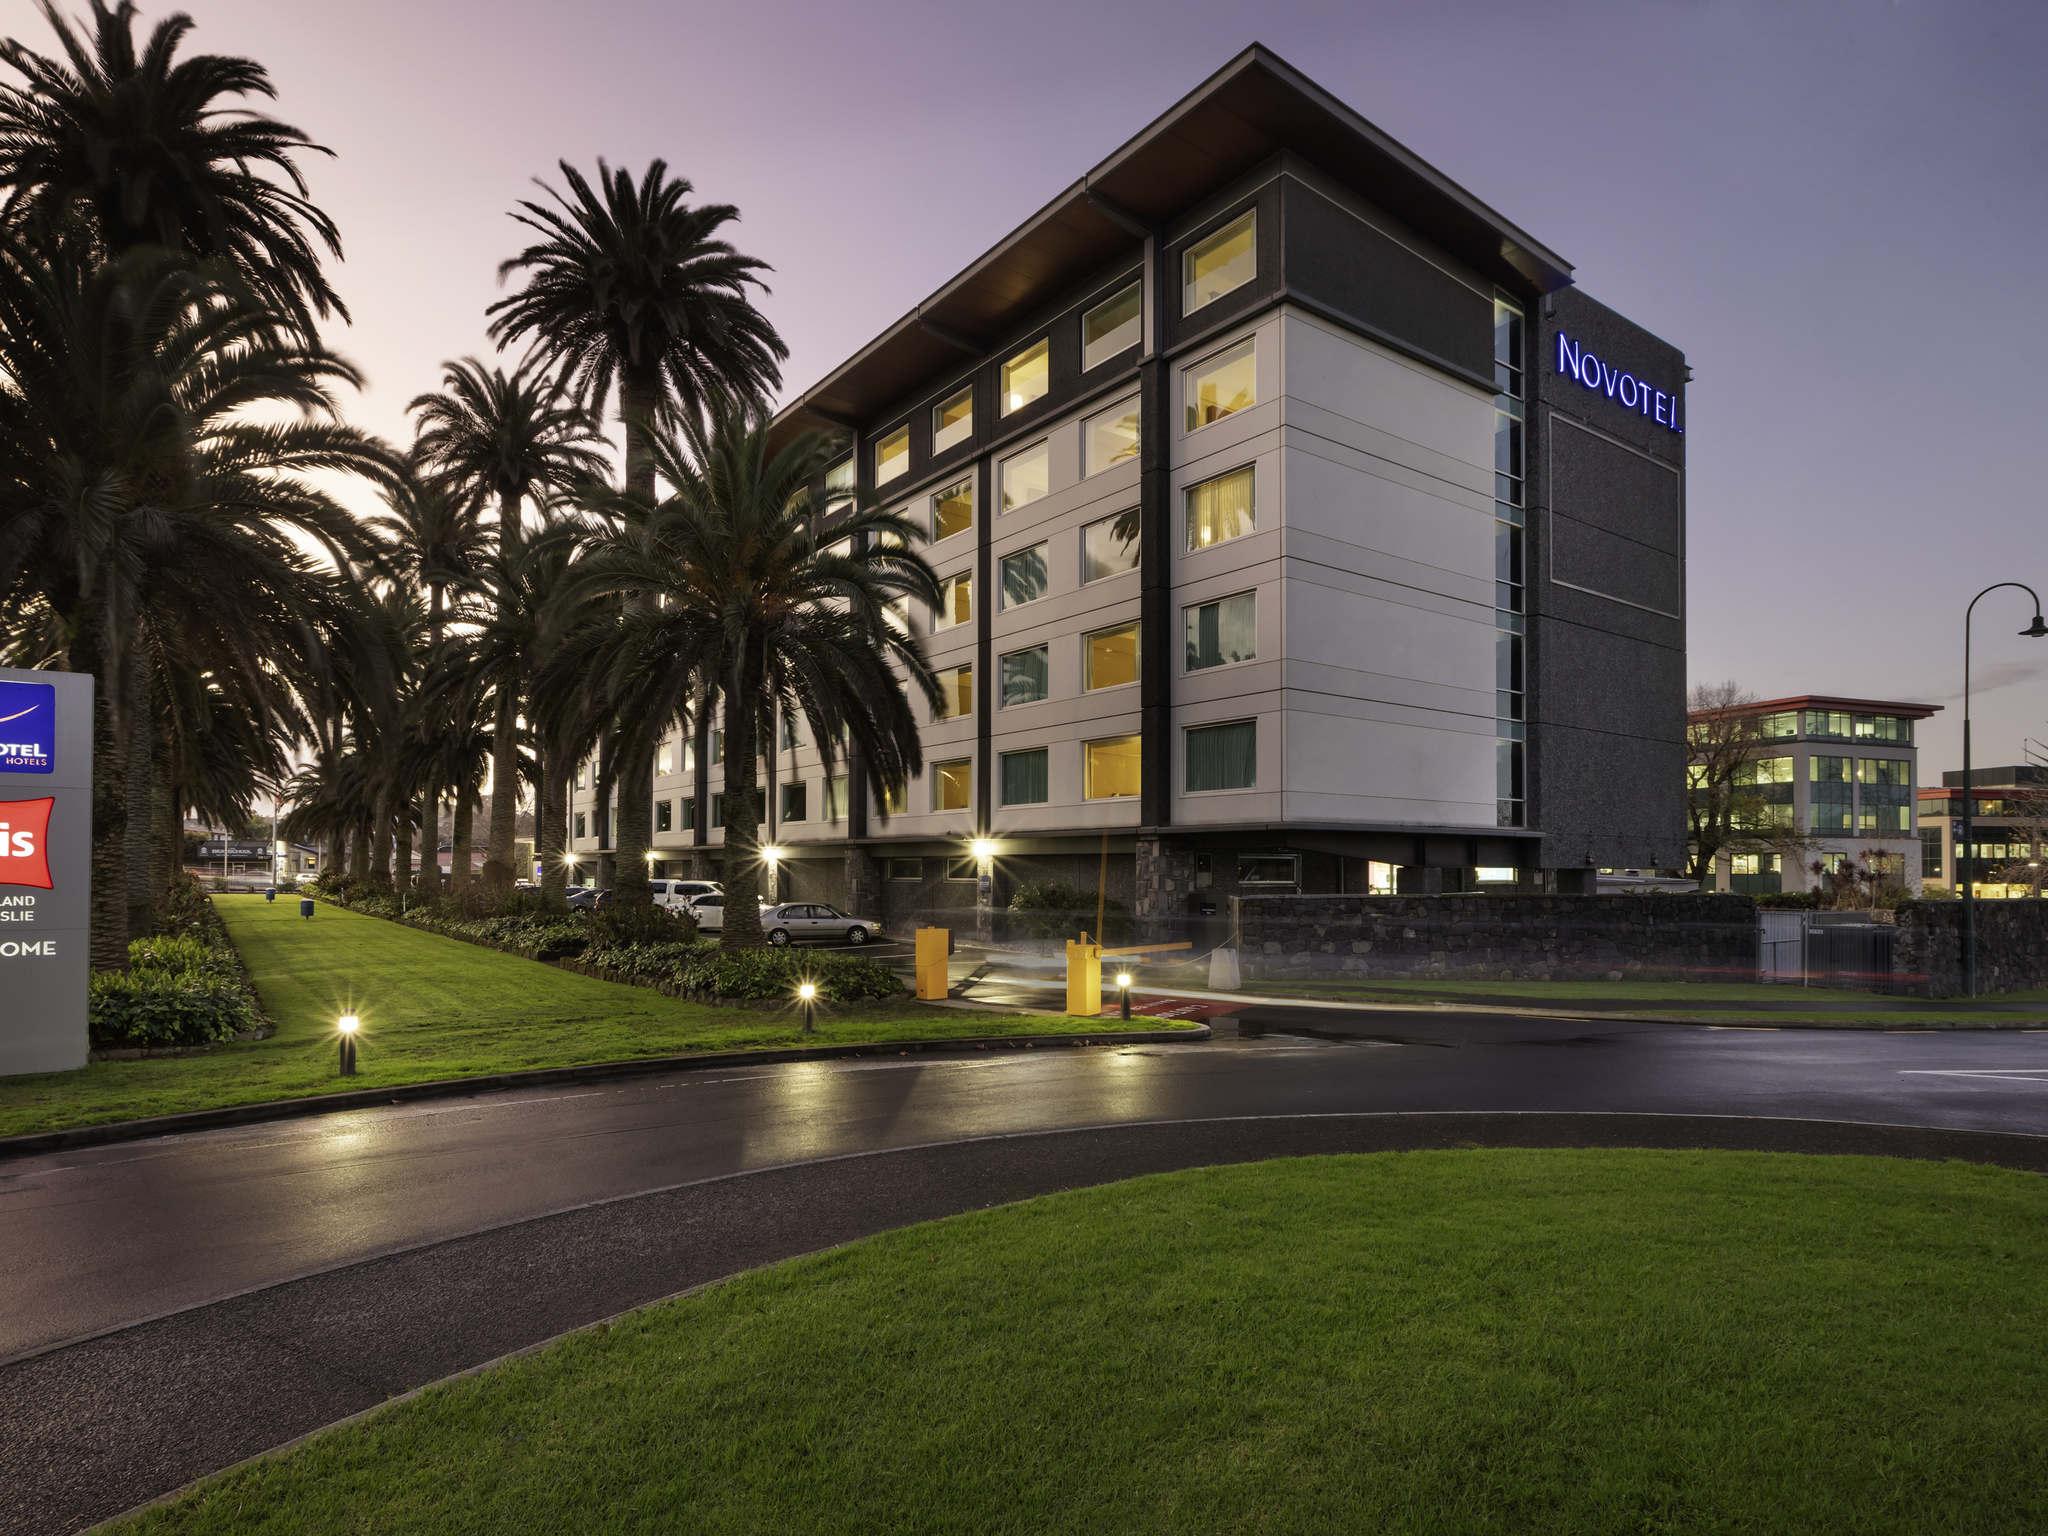 โรงแรม – ไอบิส โอ๊คแลนด์ แอลเลอร์สลี